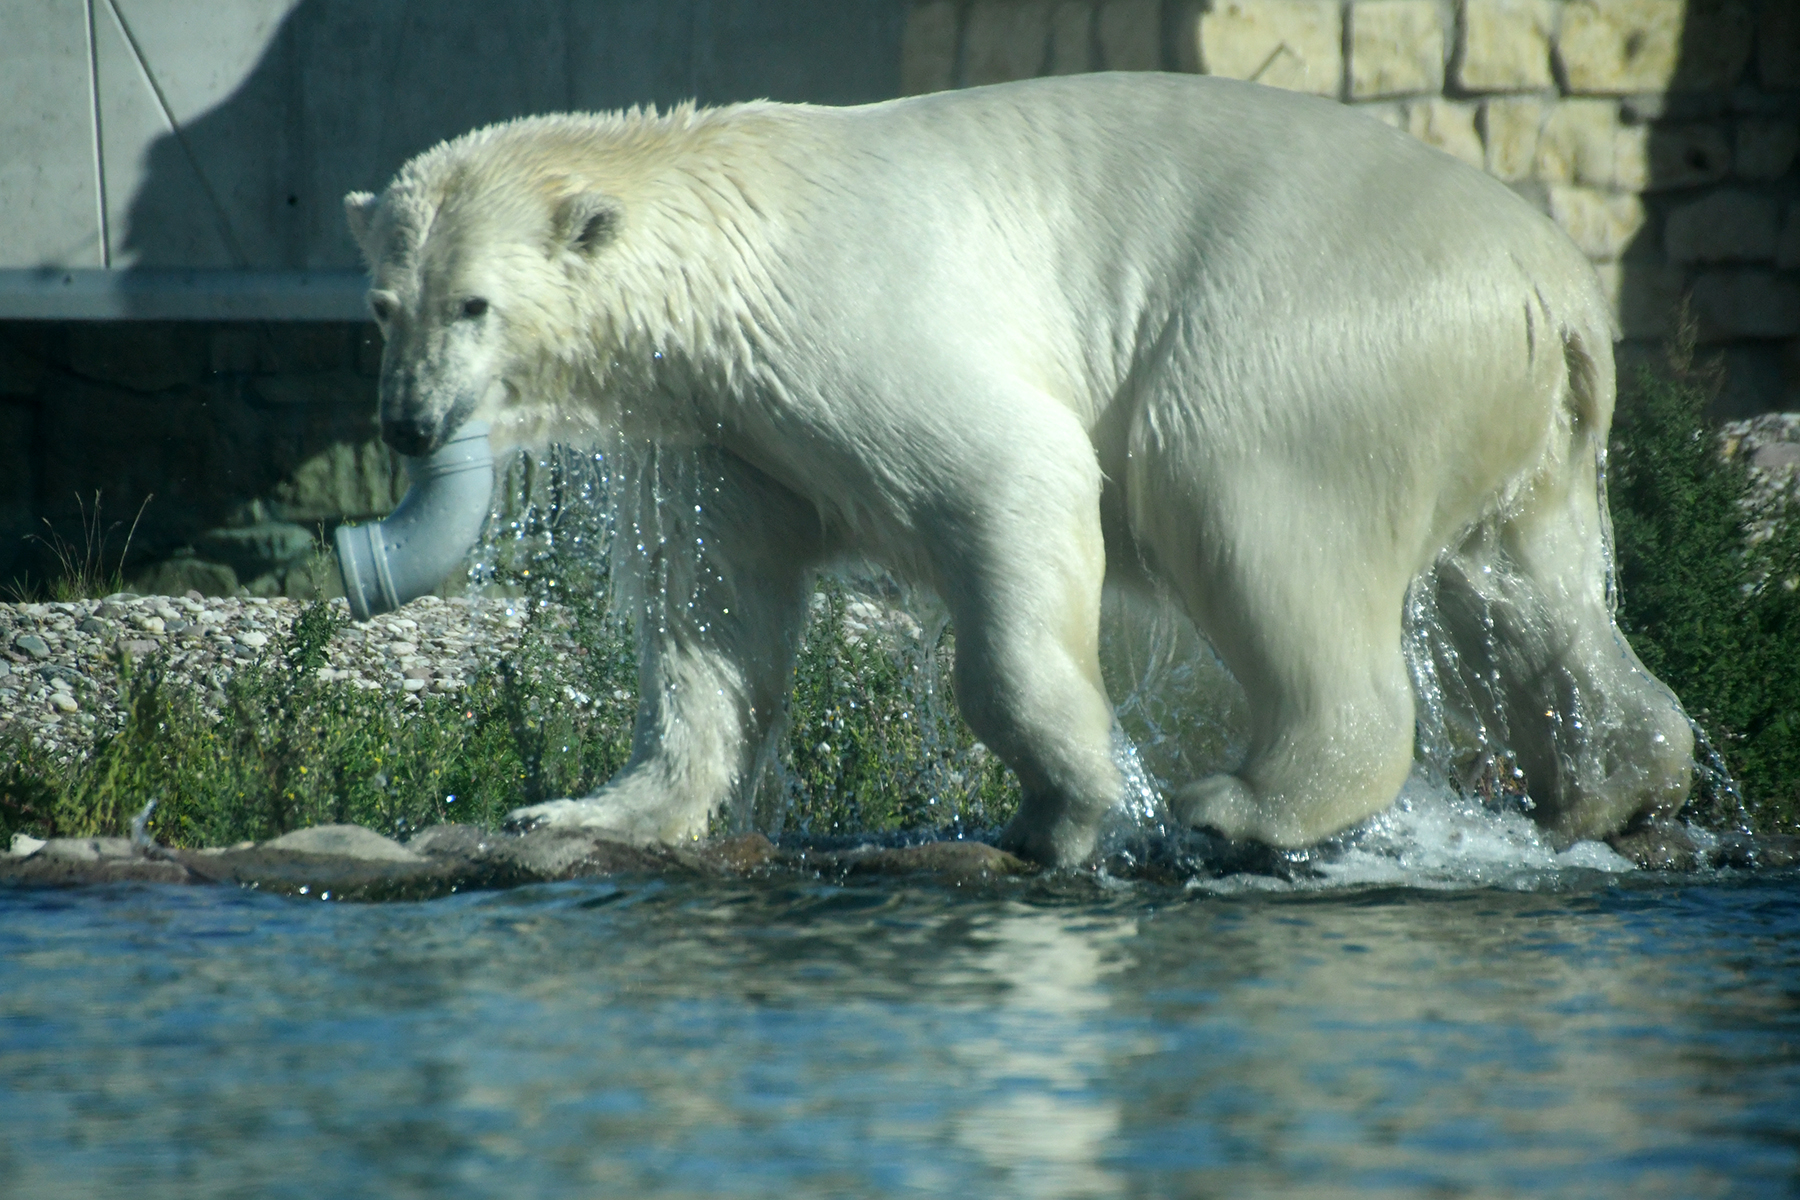 Jääkaru lõbutses ise ja lõbustas loomaaia Polaariumi külastajaid Tallinna Loomaaia 80. sünnipäeval. Foto Urmas Saard